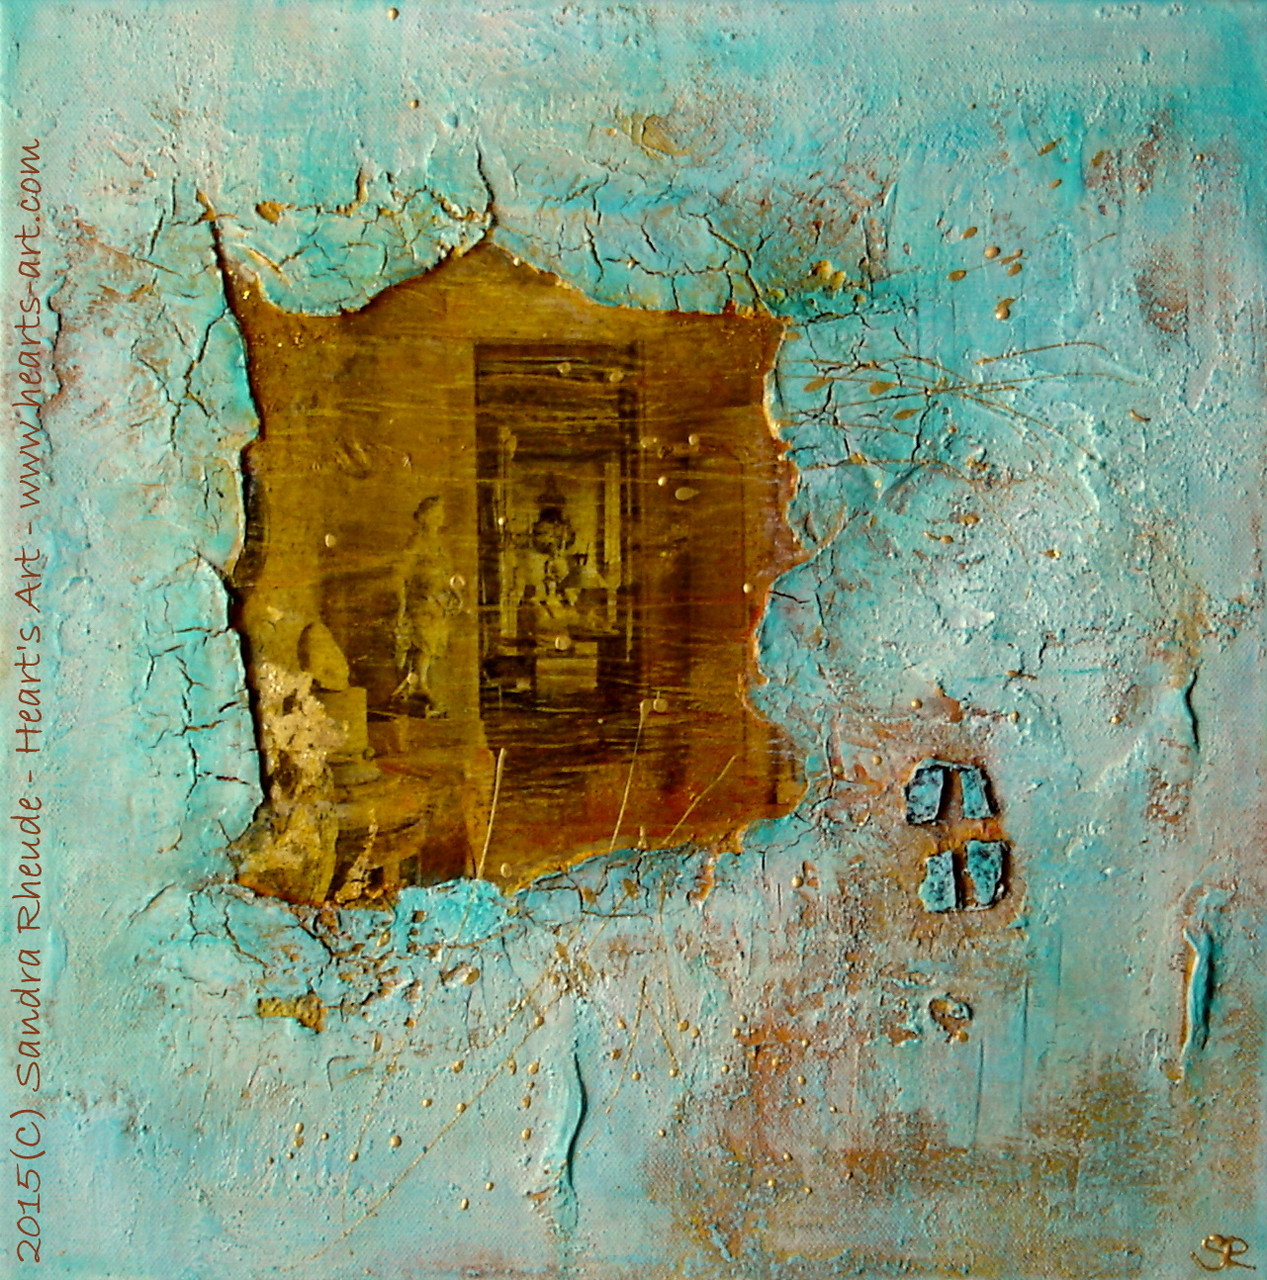 'Memories' - 2015/11 - Acryl/MixedMedia auf Leinwand - 40 x 40 cm - € 190